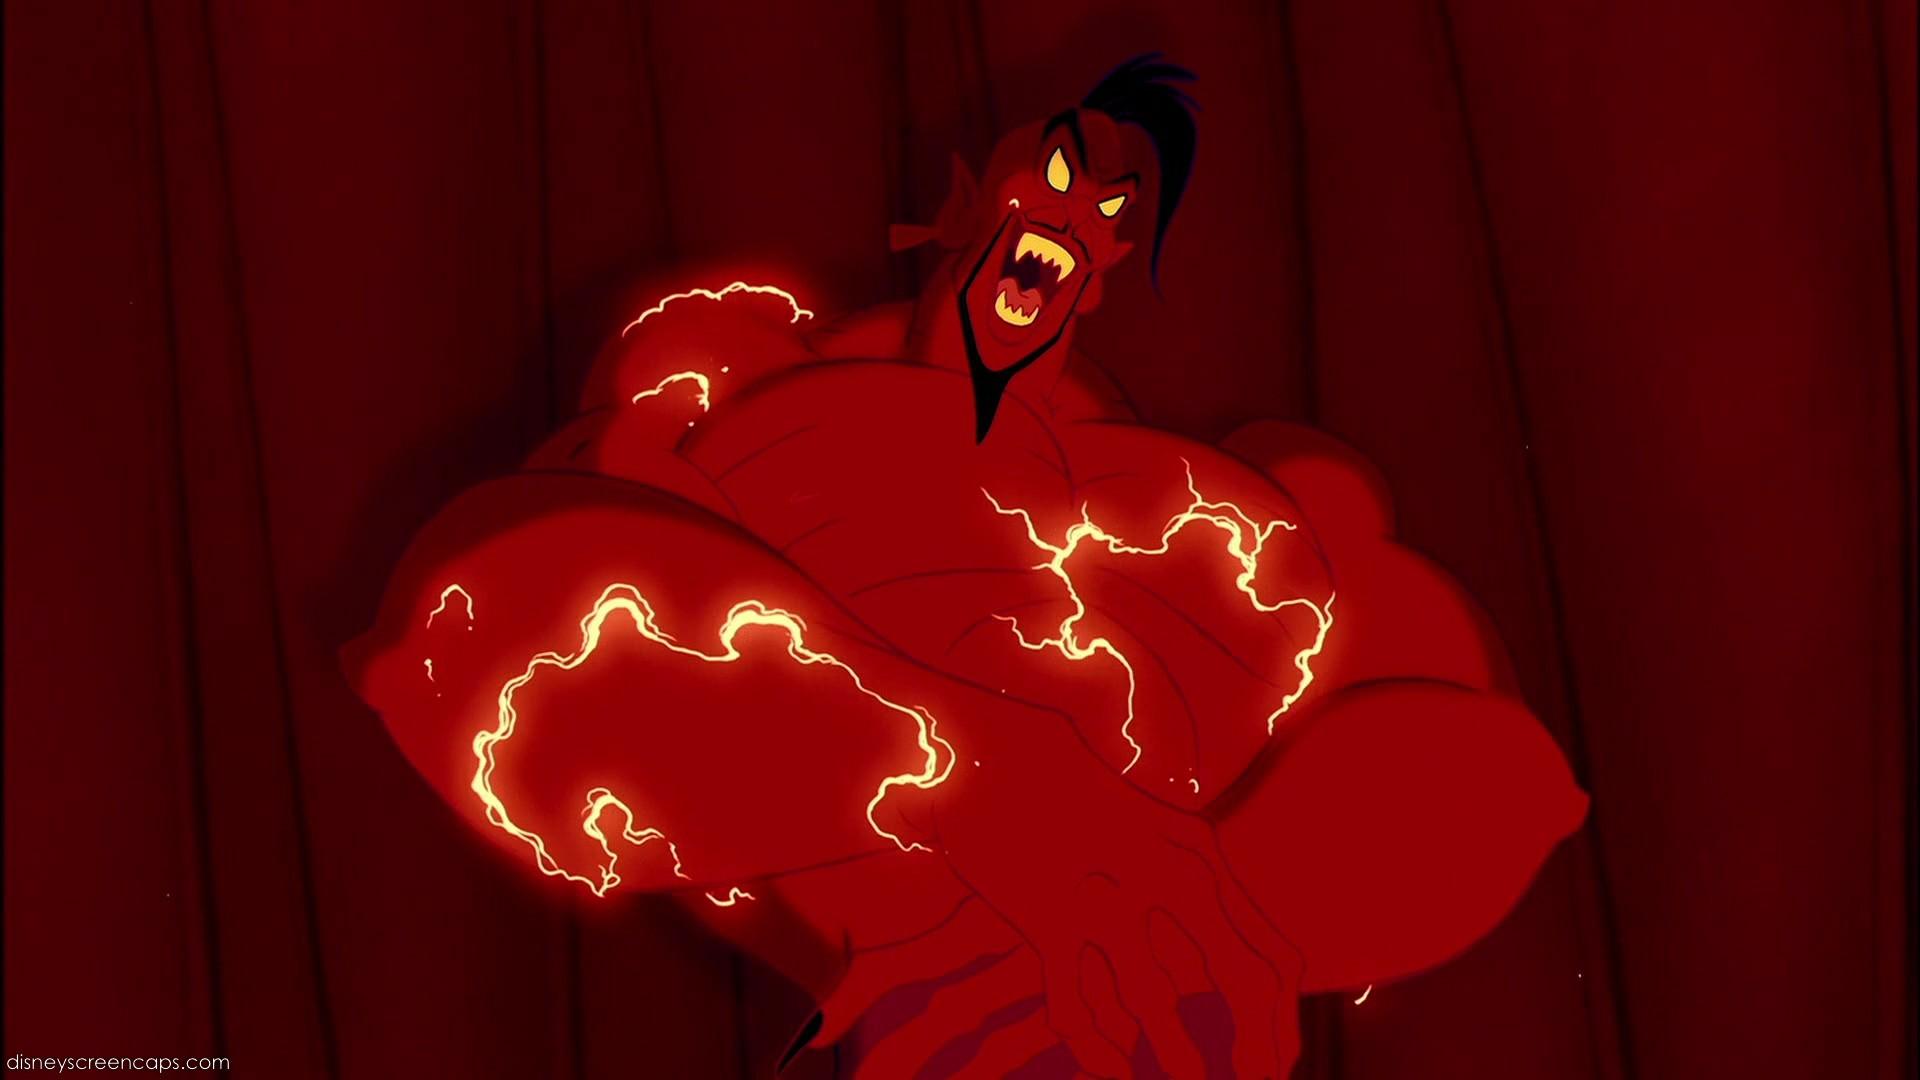 Genie Jafar The Parody Wiki Fandom Powered By Wikia